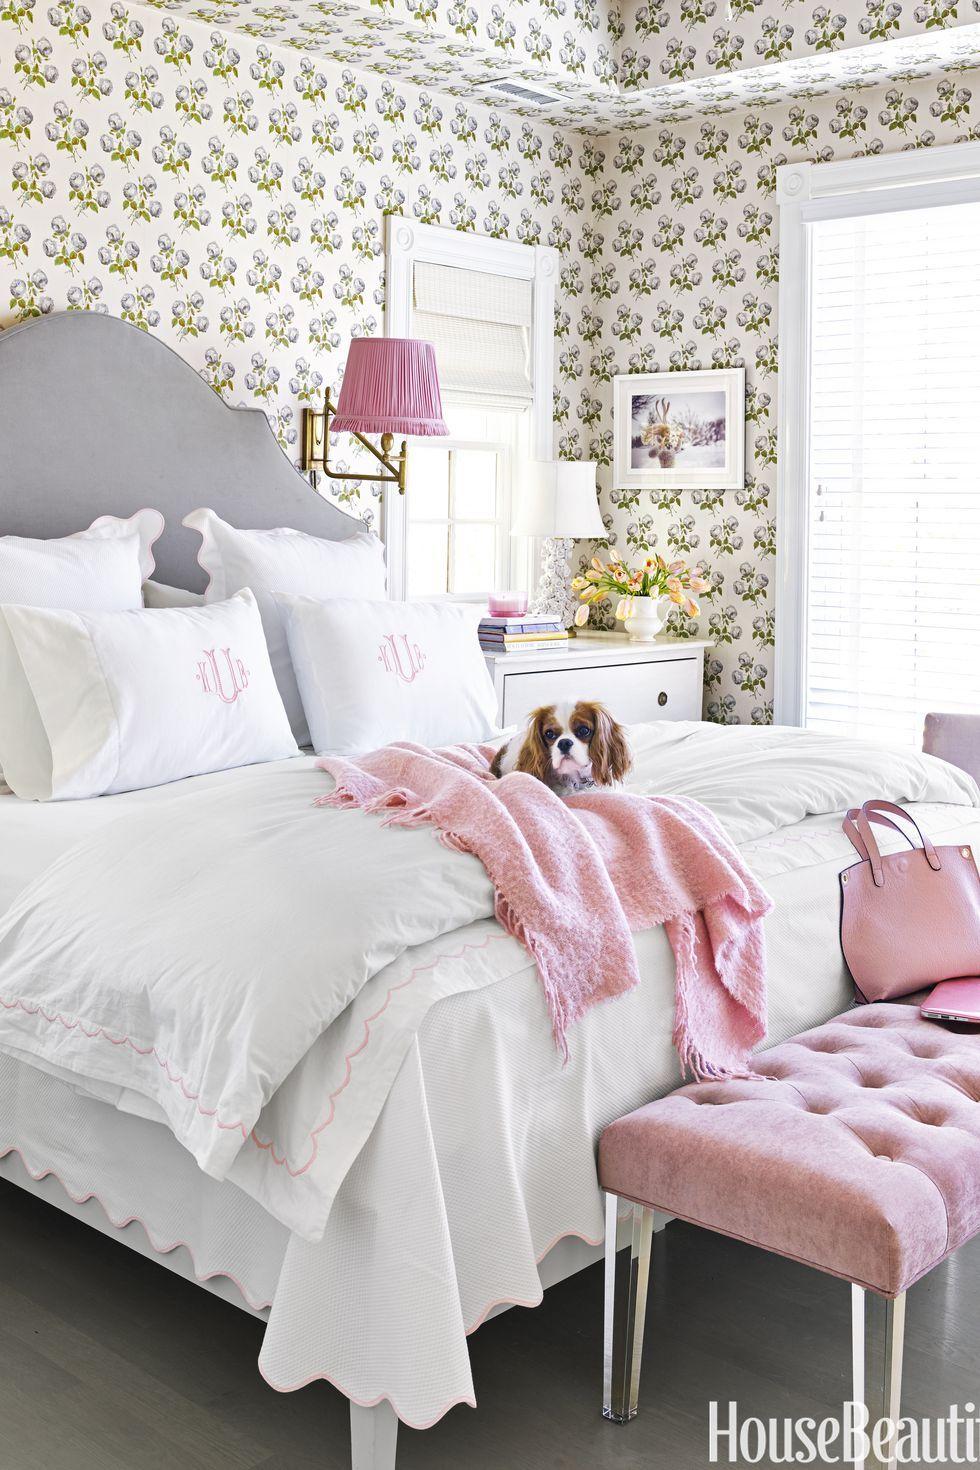 https://hips.hearstapps.com/hmg-prod.s3.amazonaws.com/images/suellen-gregory-master-bedroom-1519673532.jpg